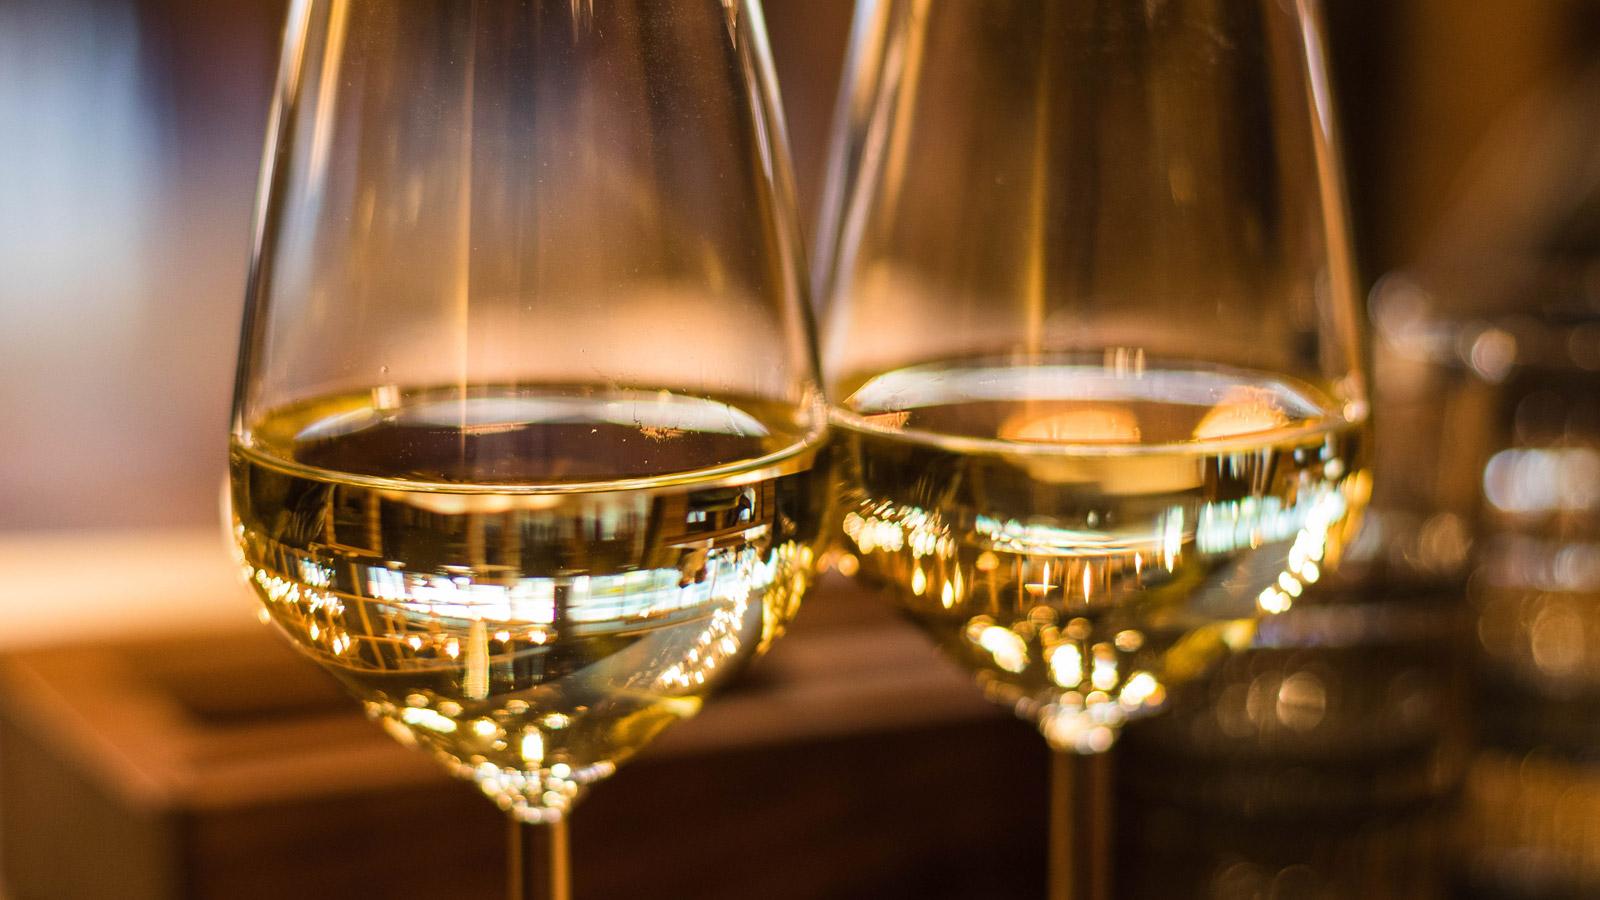 Macronutrients Review Part V: Alcohols